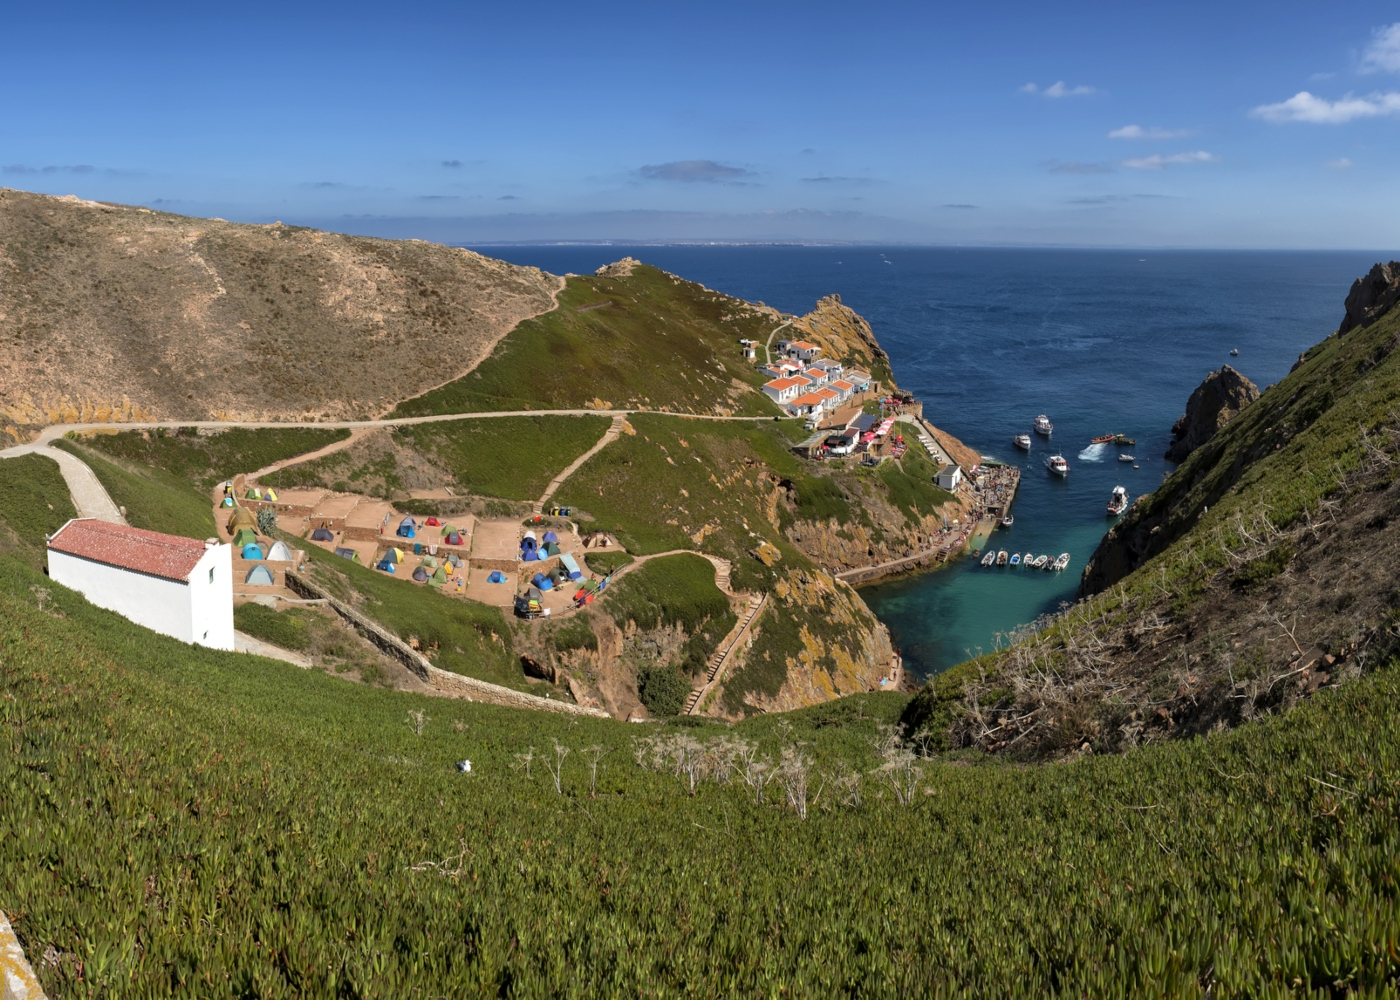 Vista da Ilha Berlenga